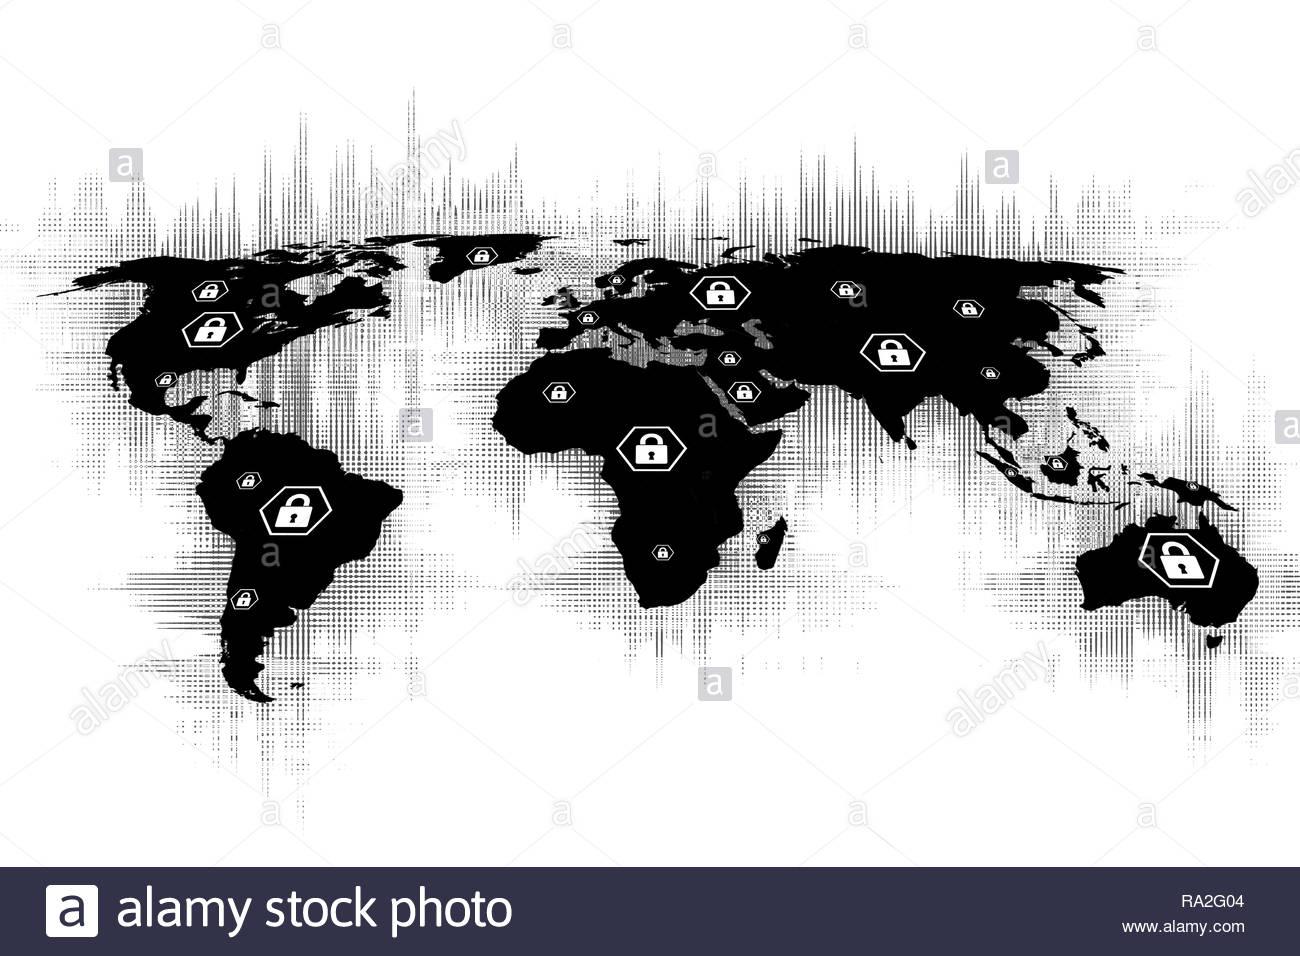 Bild einer Welt Karte mit futuristischen Textur und Symbole der Vorhängeschlösser auf den Kontinenten. Weltkarte mit Vorhängeschloss Vektoren, Secure Internet oder virtuelle Secur Stockbild